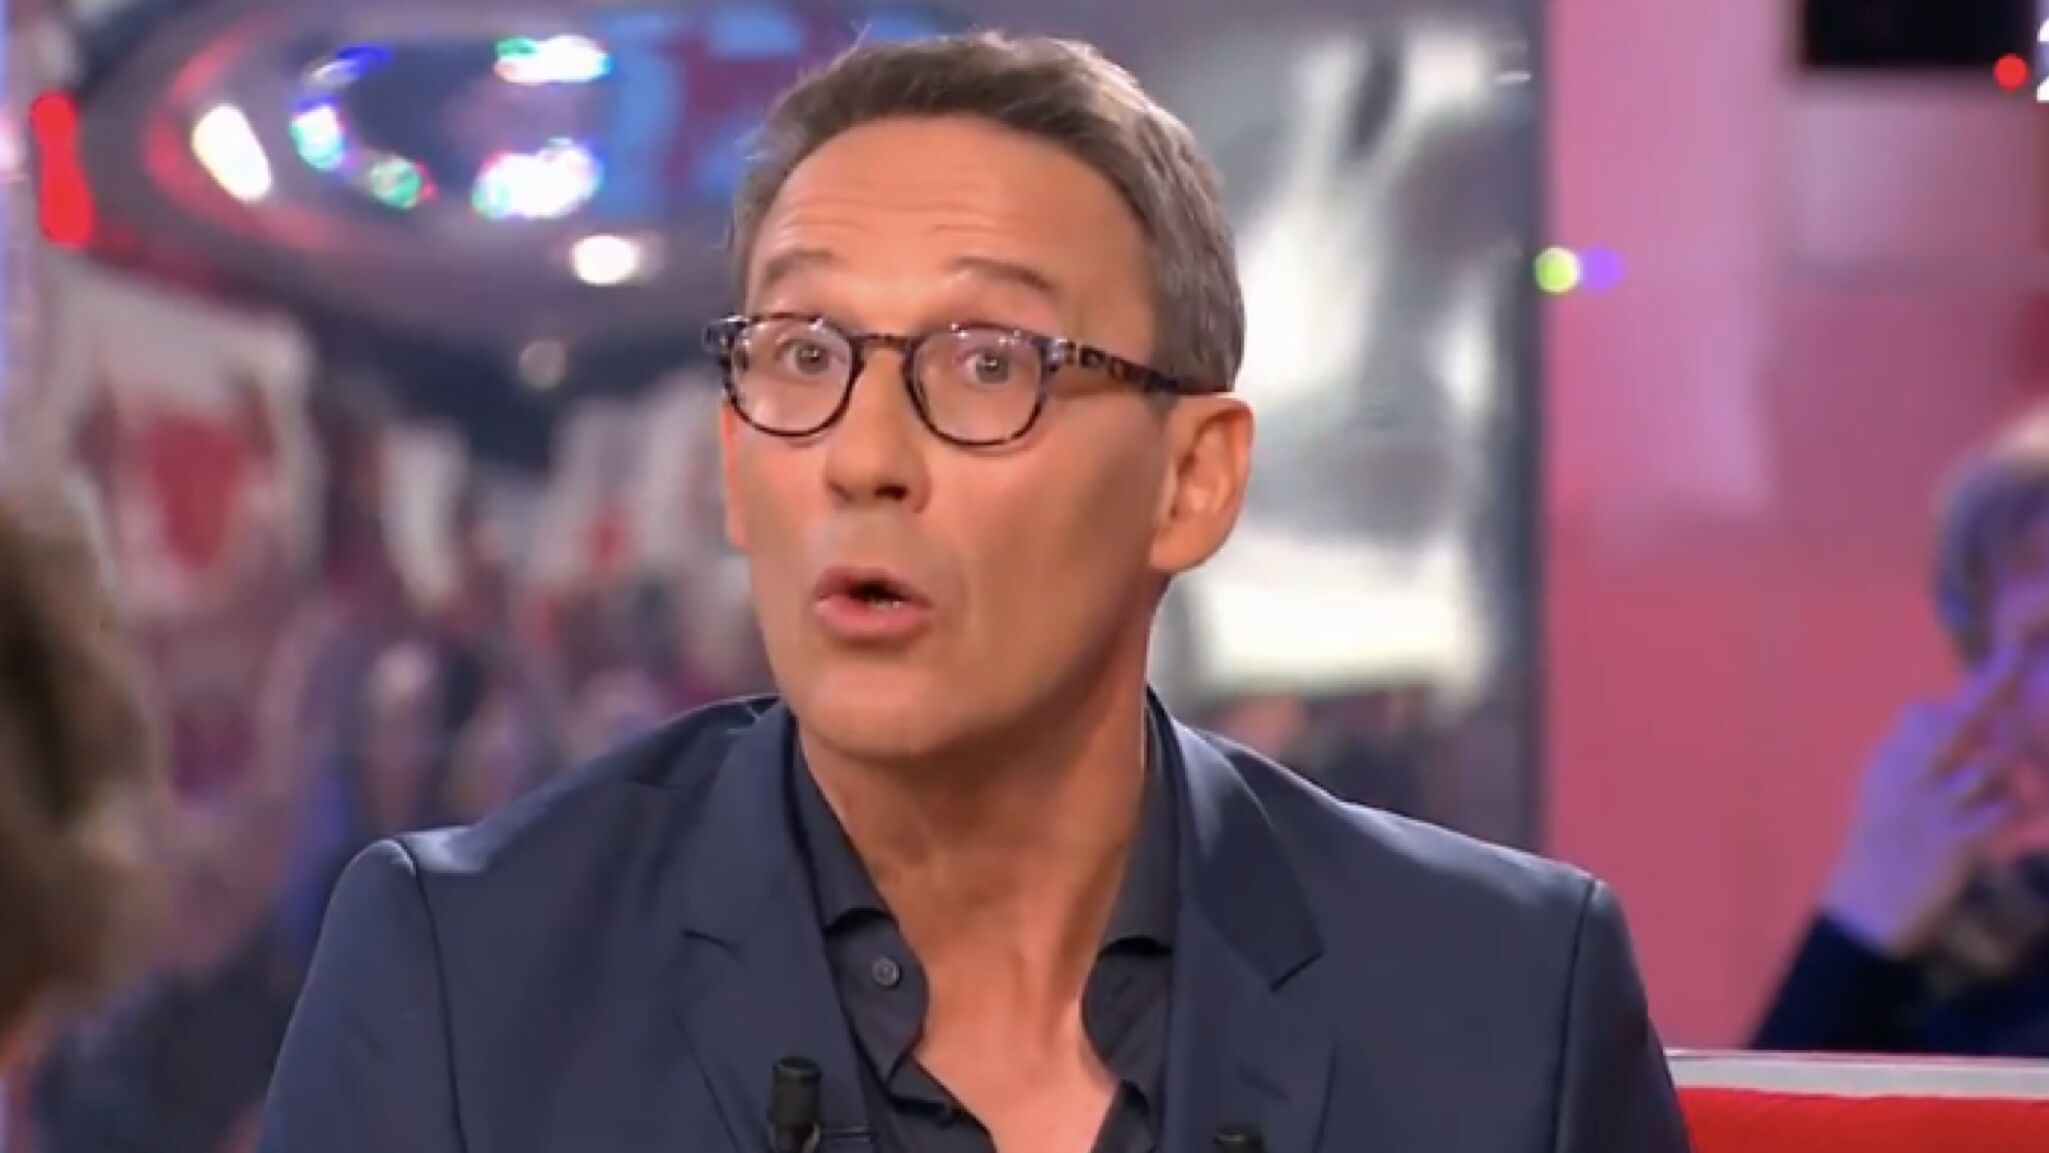 VIDEO Vivement dimanche : Julien Courbet tacle son ancien collègue Benjamin Castaldi